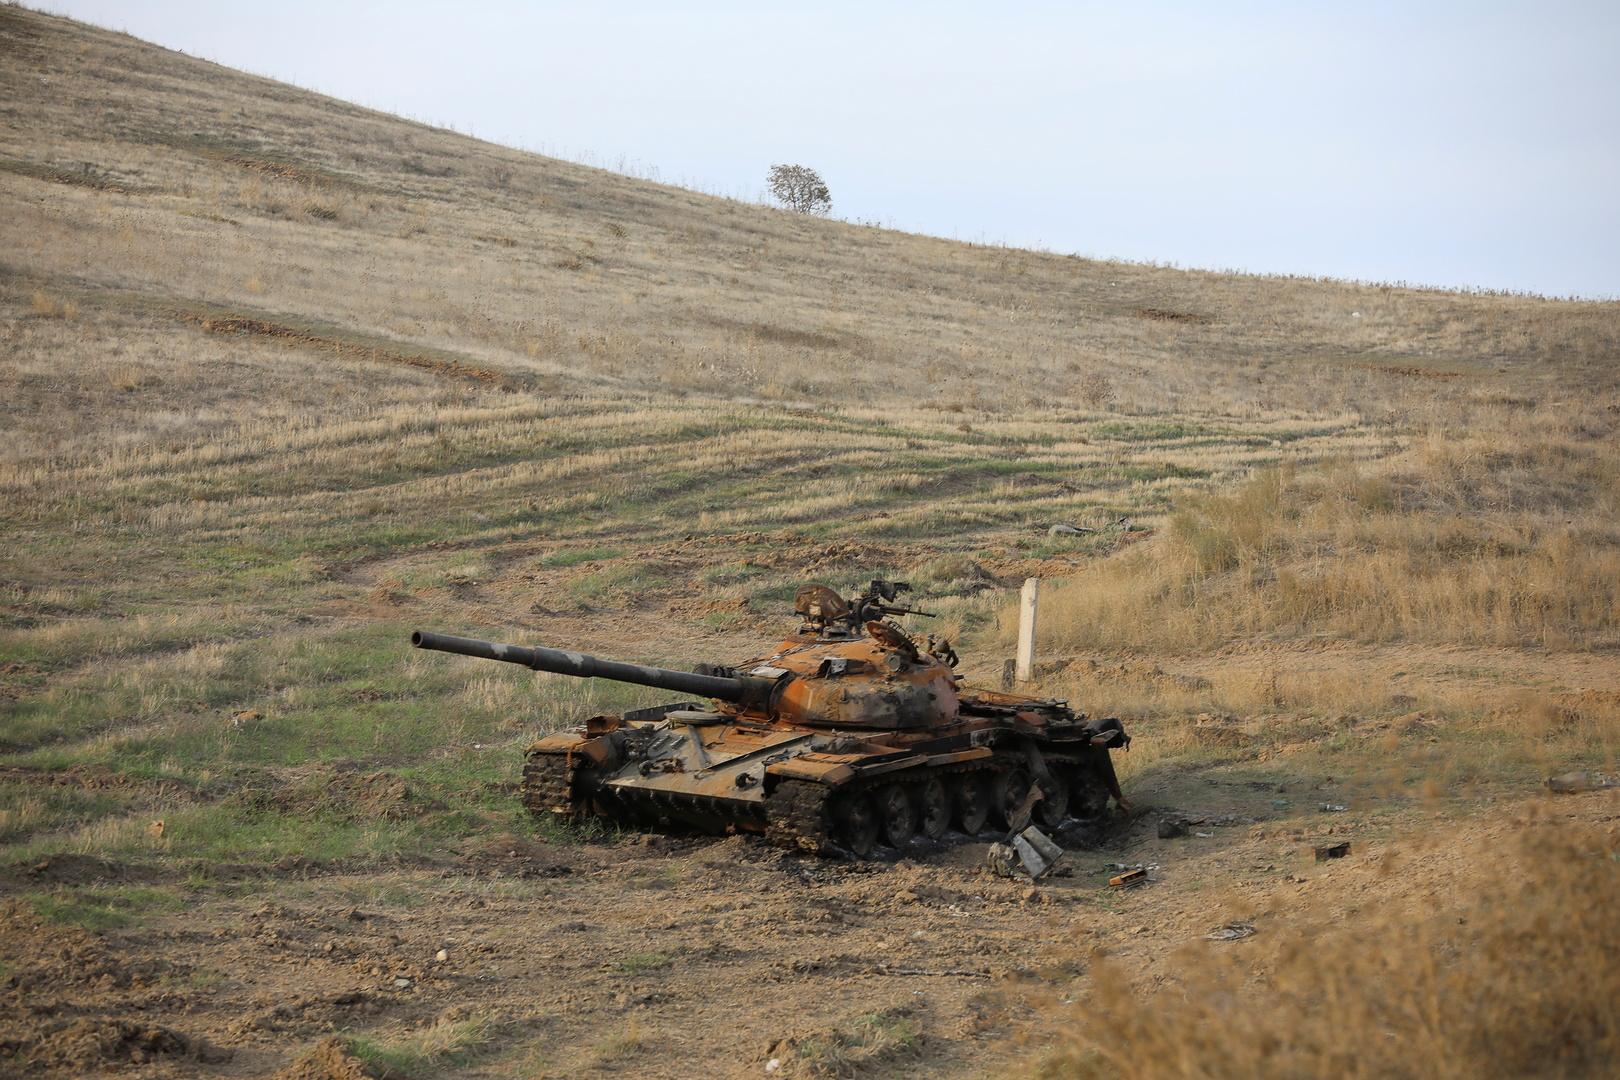 وسائل إعلام أذربيجانية تتهم إيران بالتدخل في أراضيها خلال جولة نزاع قره باغ الأخيرة